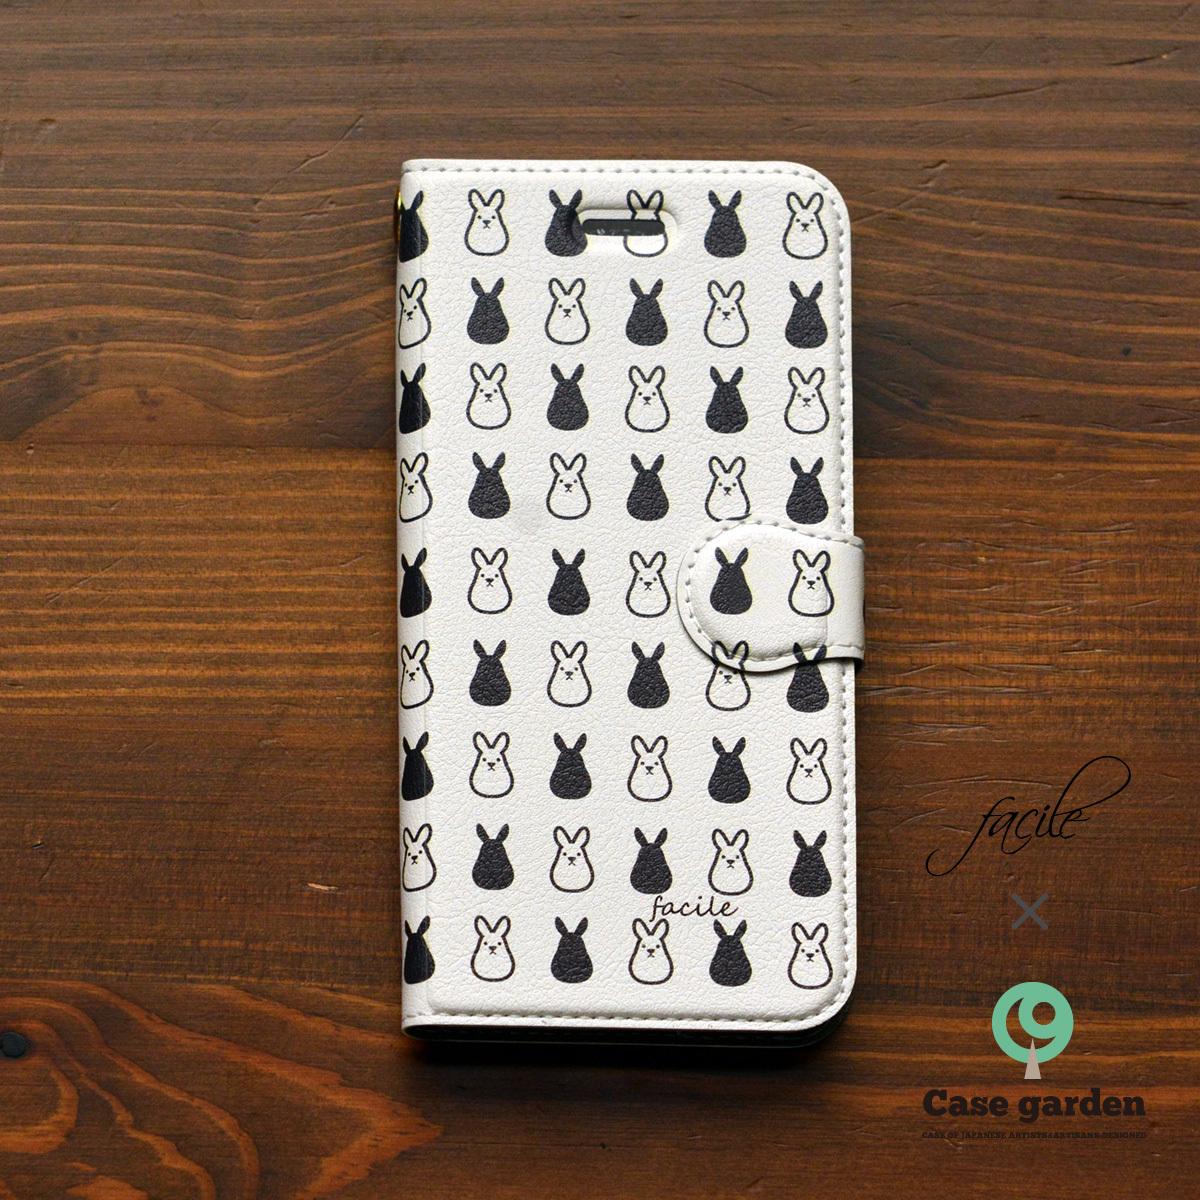 iphone8 ケース かわいい 手帳 iphone8 ケース おしゃれ 手帳型 アイフォン7 ケース 手帳 かわいい うさぎ ウサギ しろくろラッシュ/facile×ケースガーデン